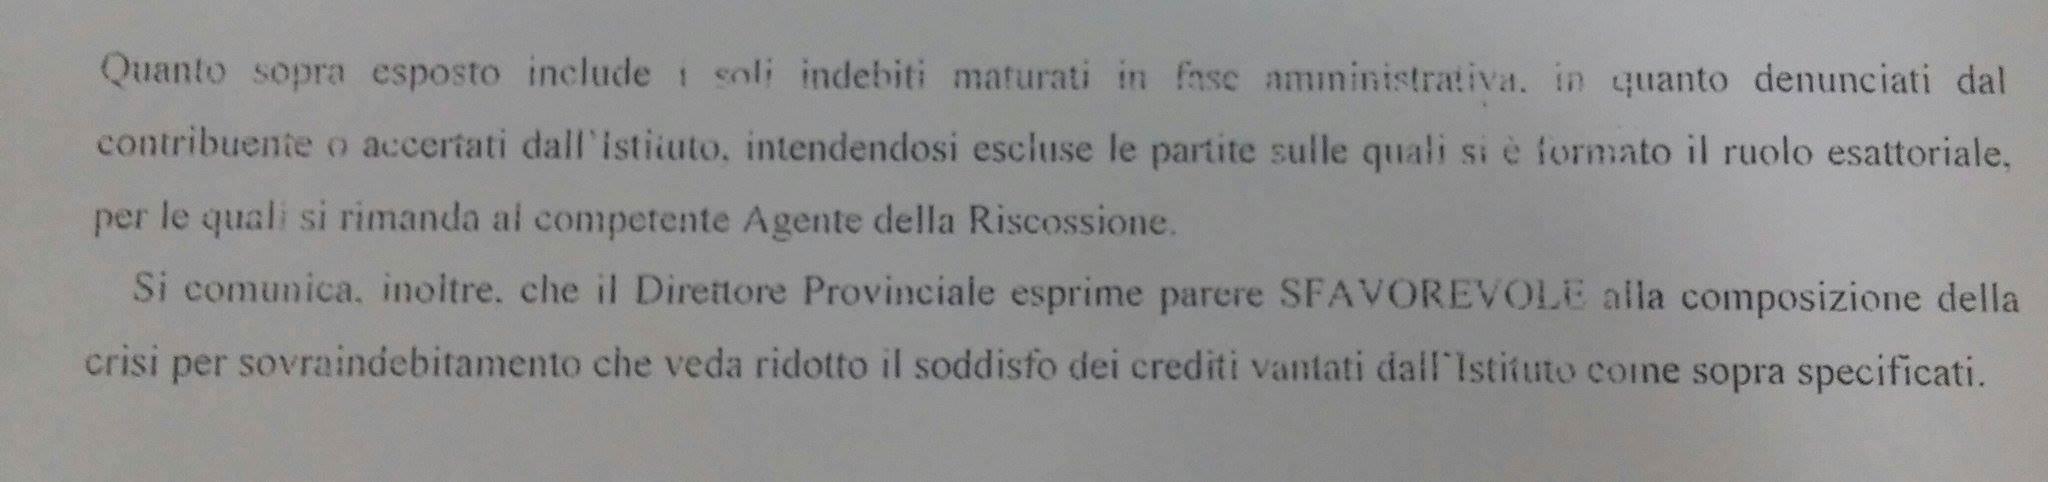 Risposta standard dopo la presentazione della procedura di composizione della crisi per sovraindebitamento